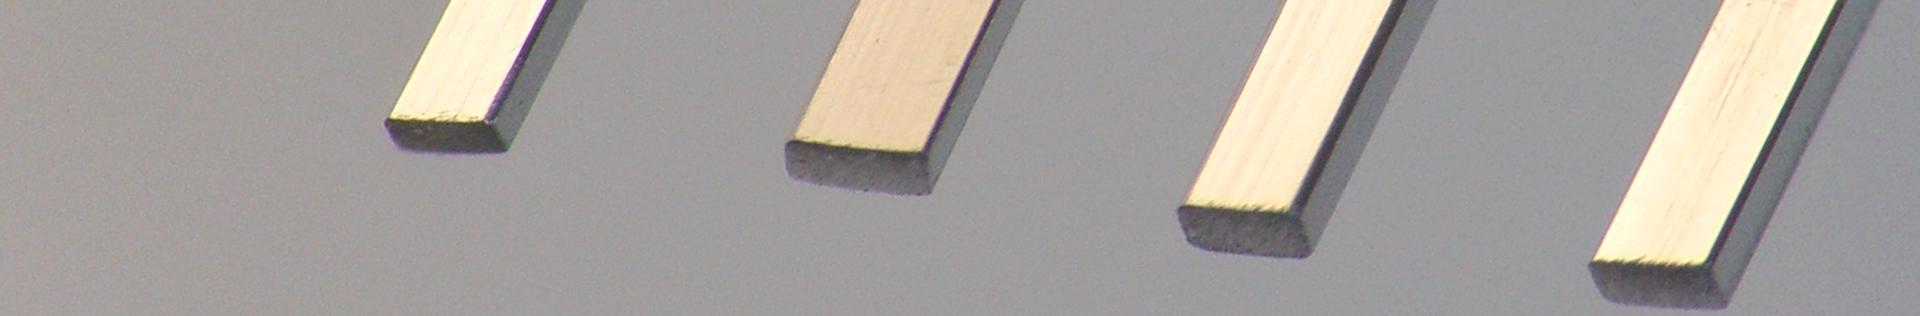 Accurate Wire 正畸线材